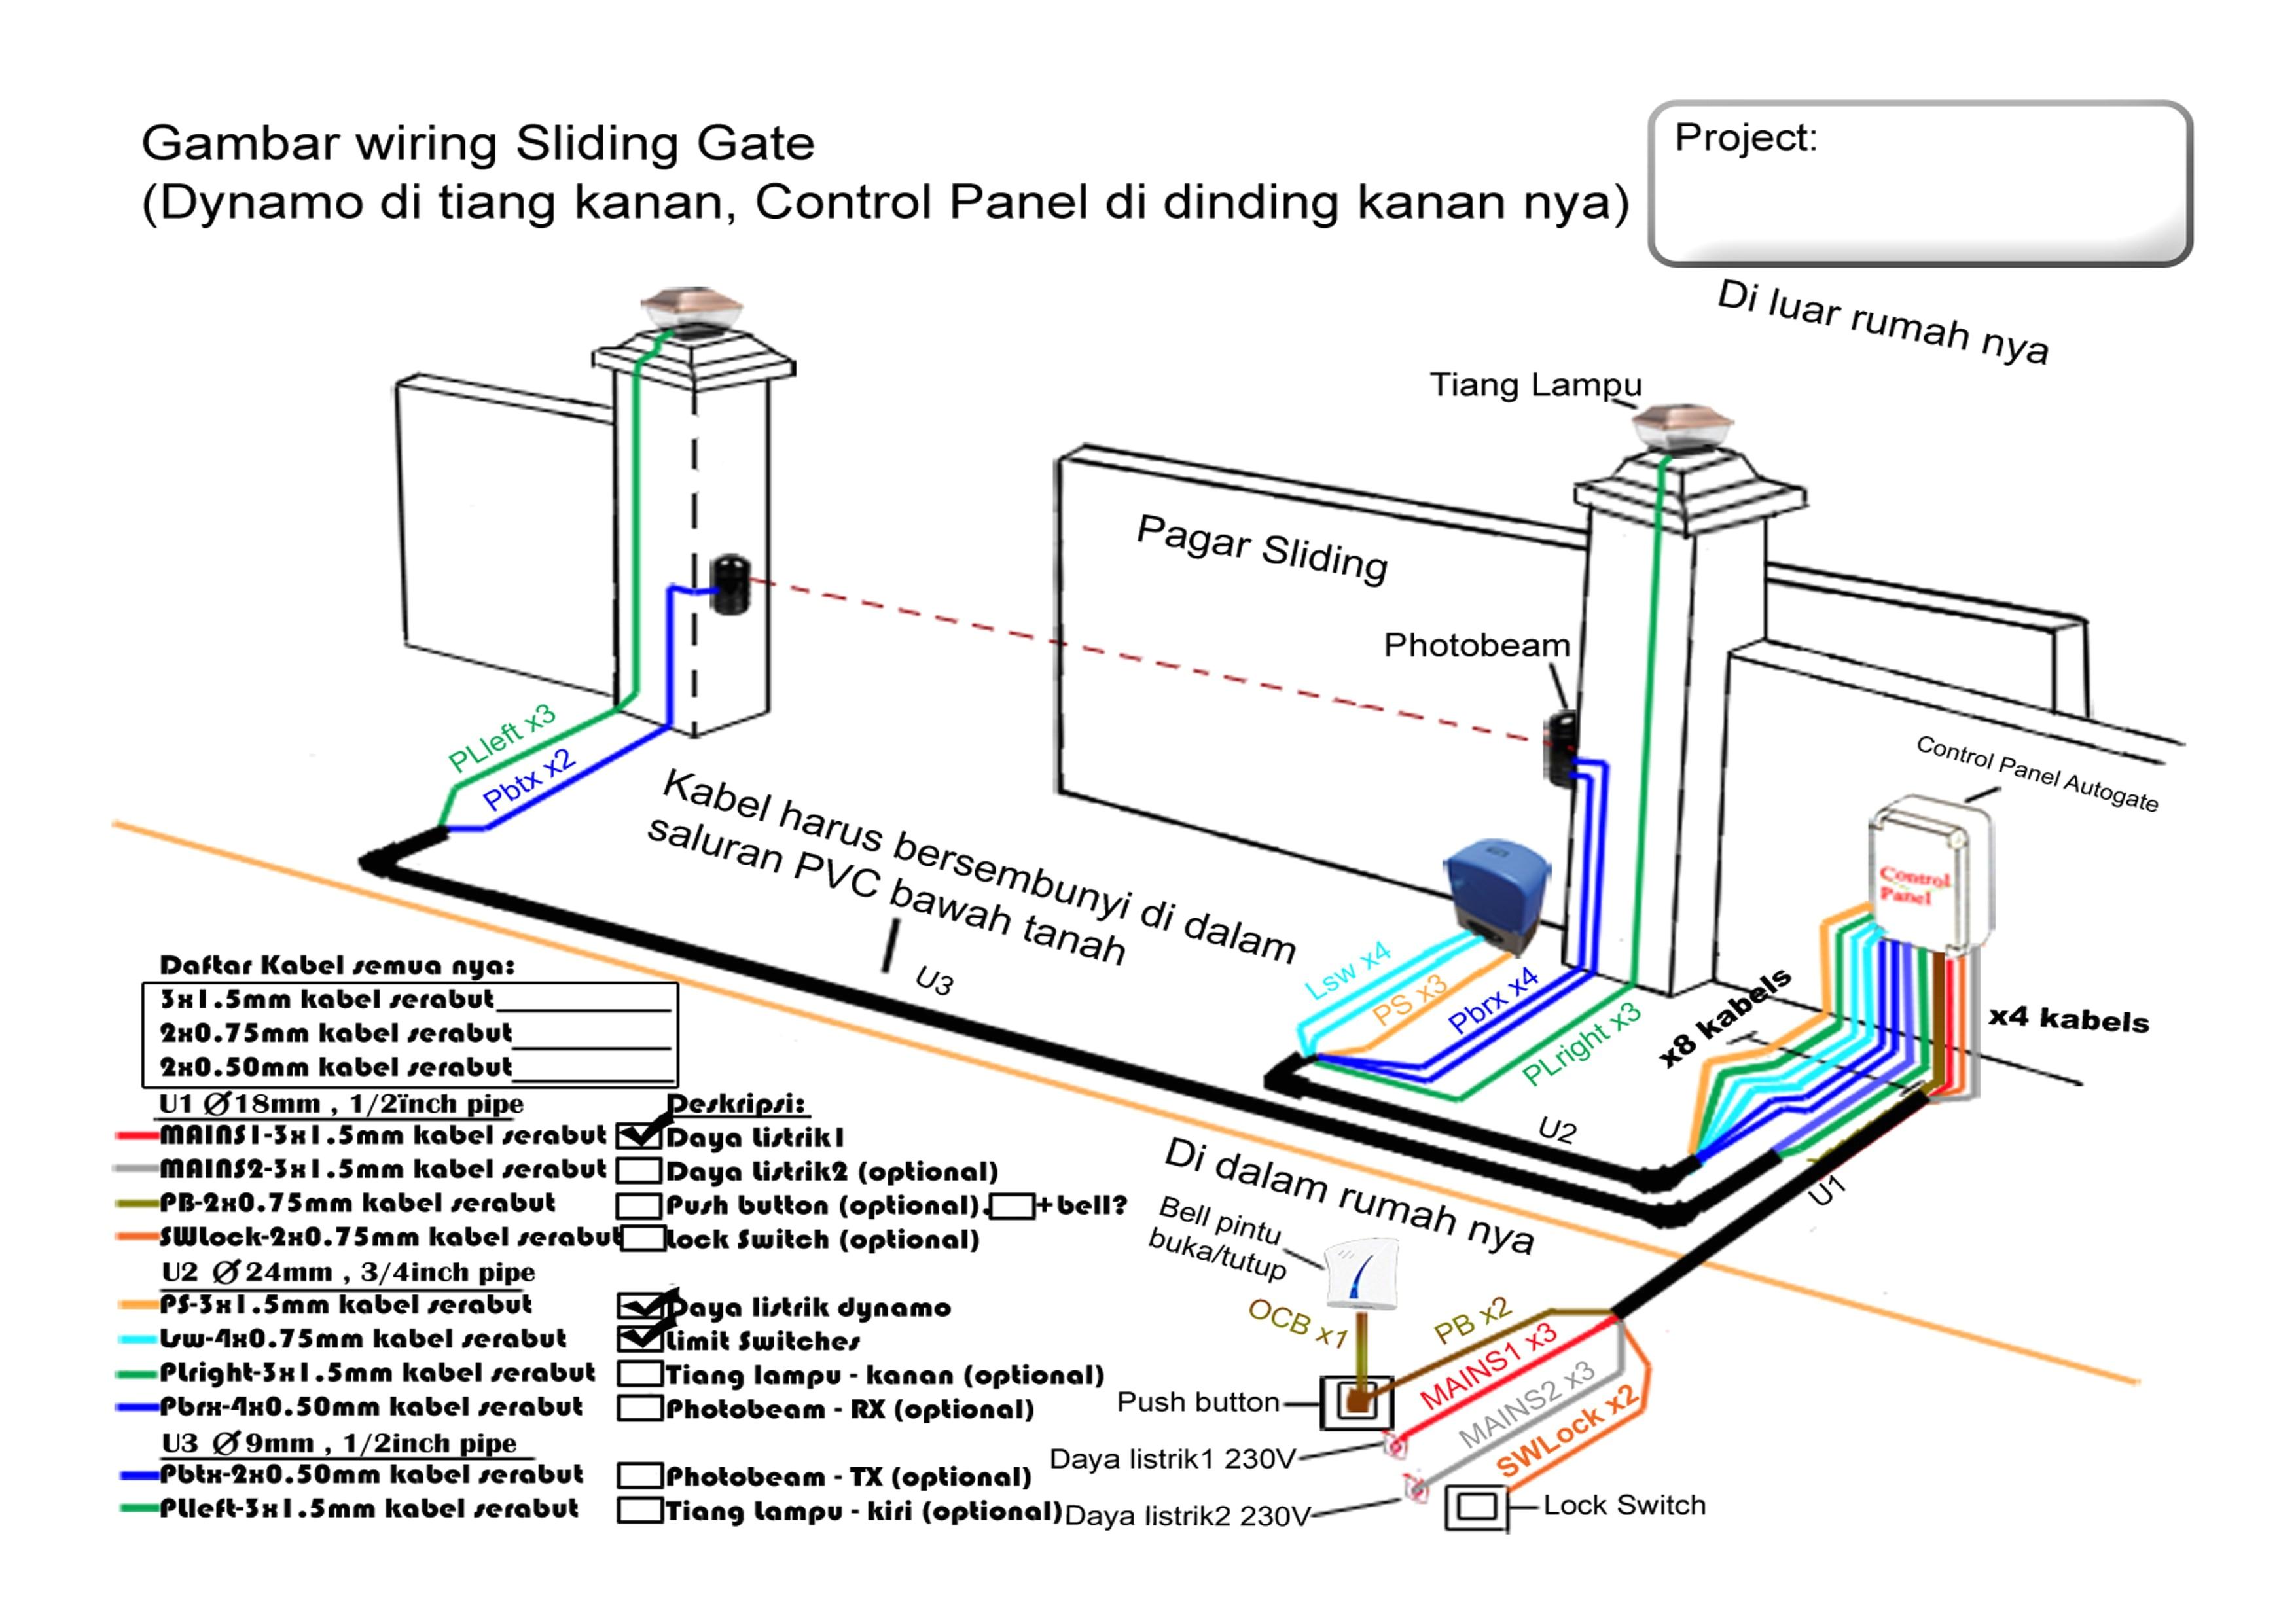 gambar2 wallpaper dinding rumah terbaik untuk automatic sliding gate wiring diagram shahsramblings untuk gambar2 wallpaper dinding rumah jpg